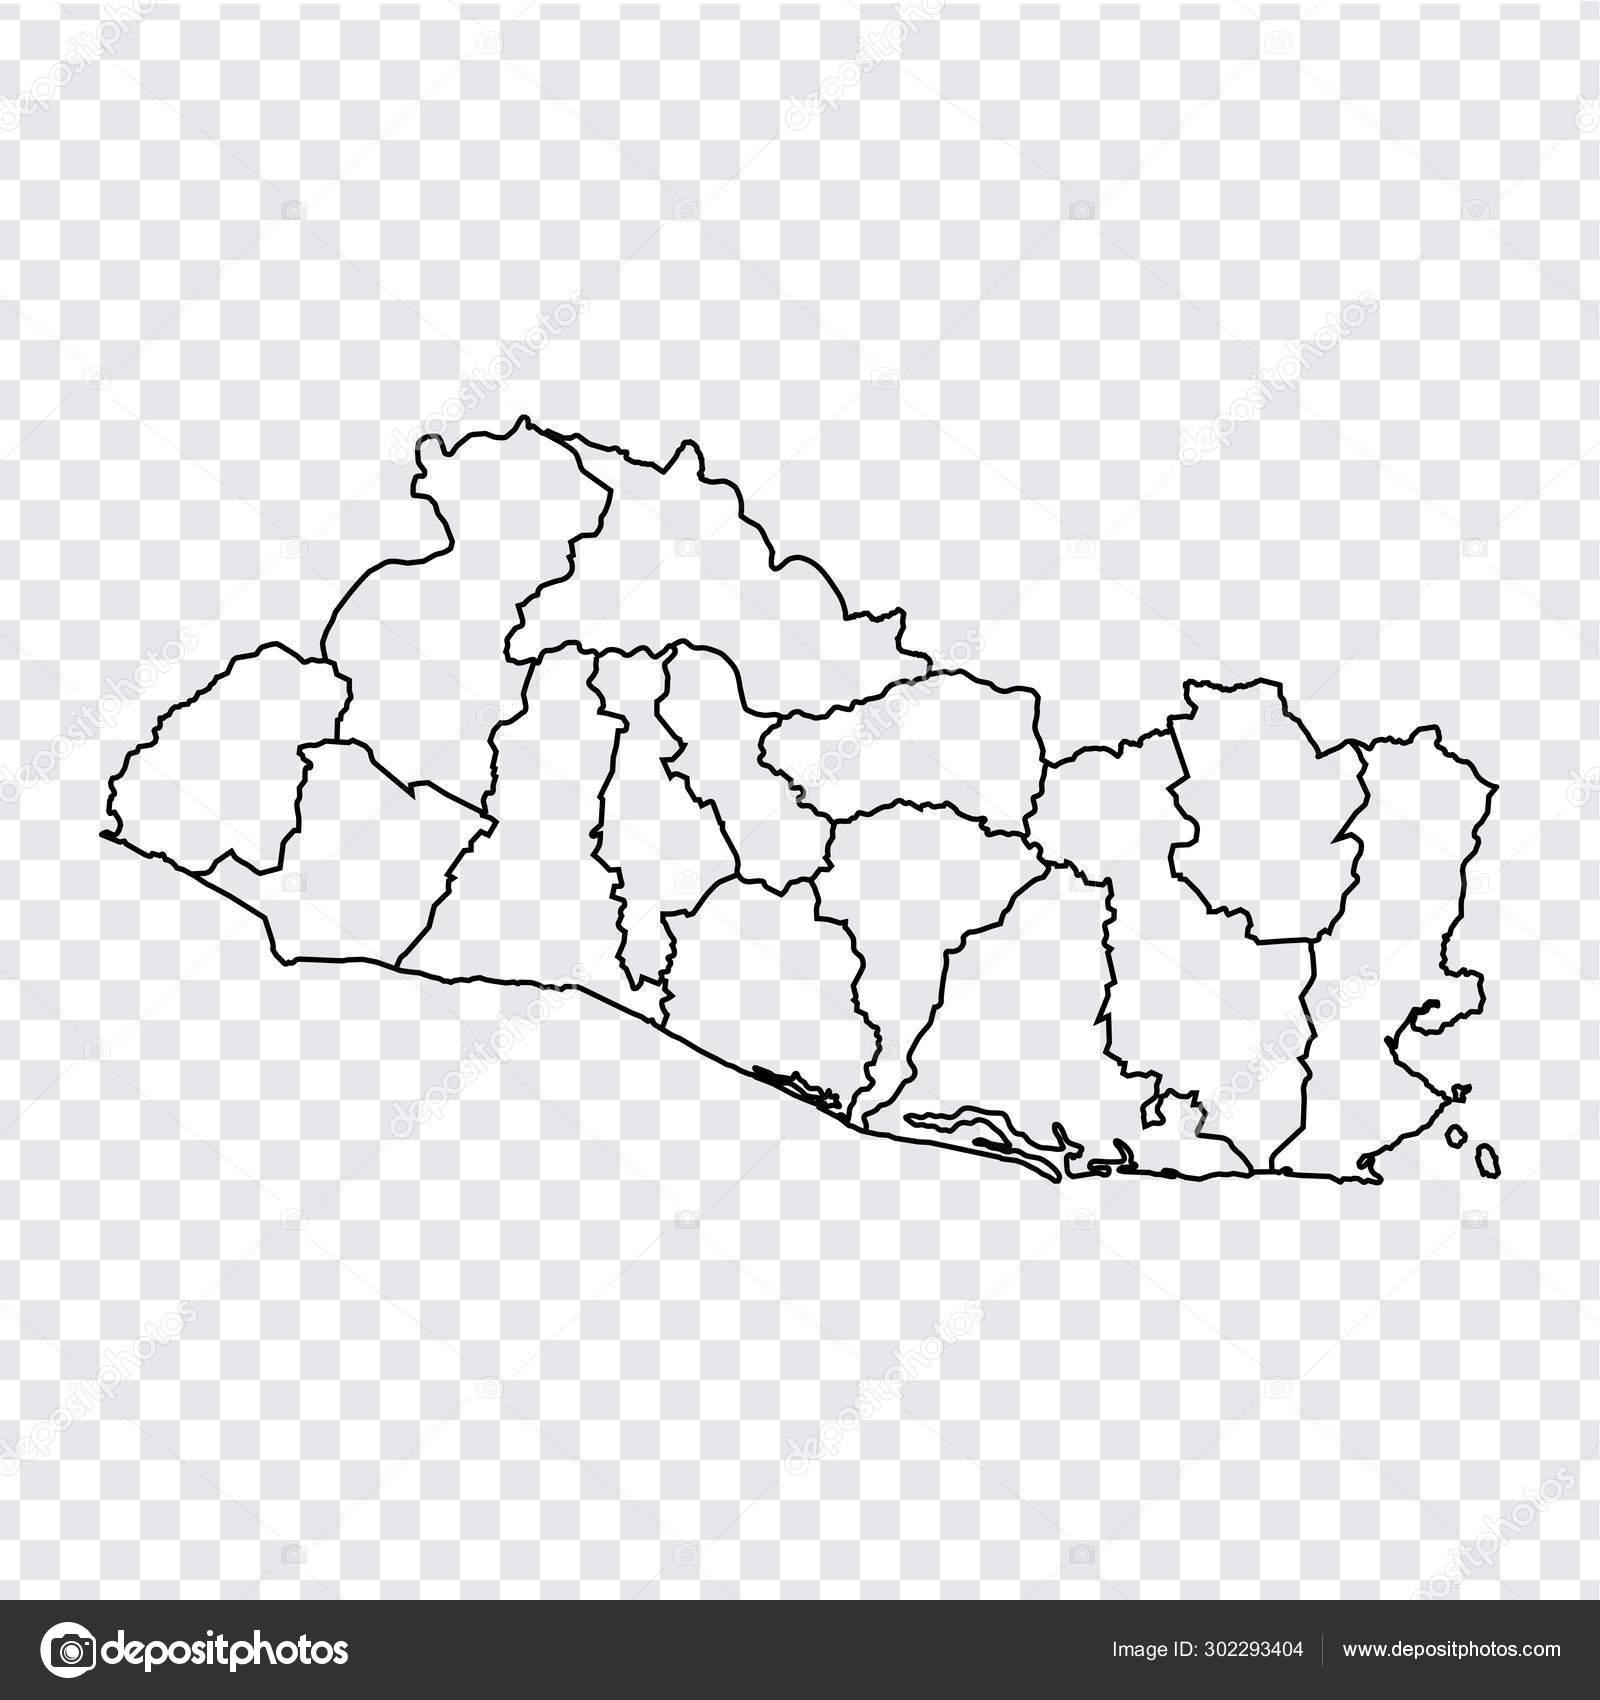 Blank map Salvador. High quality map Republic of El Salvador ...